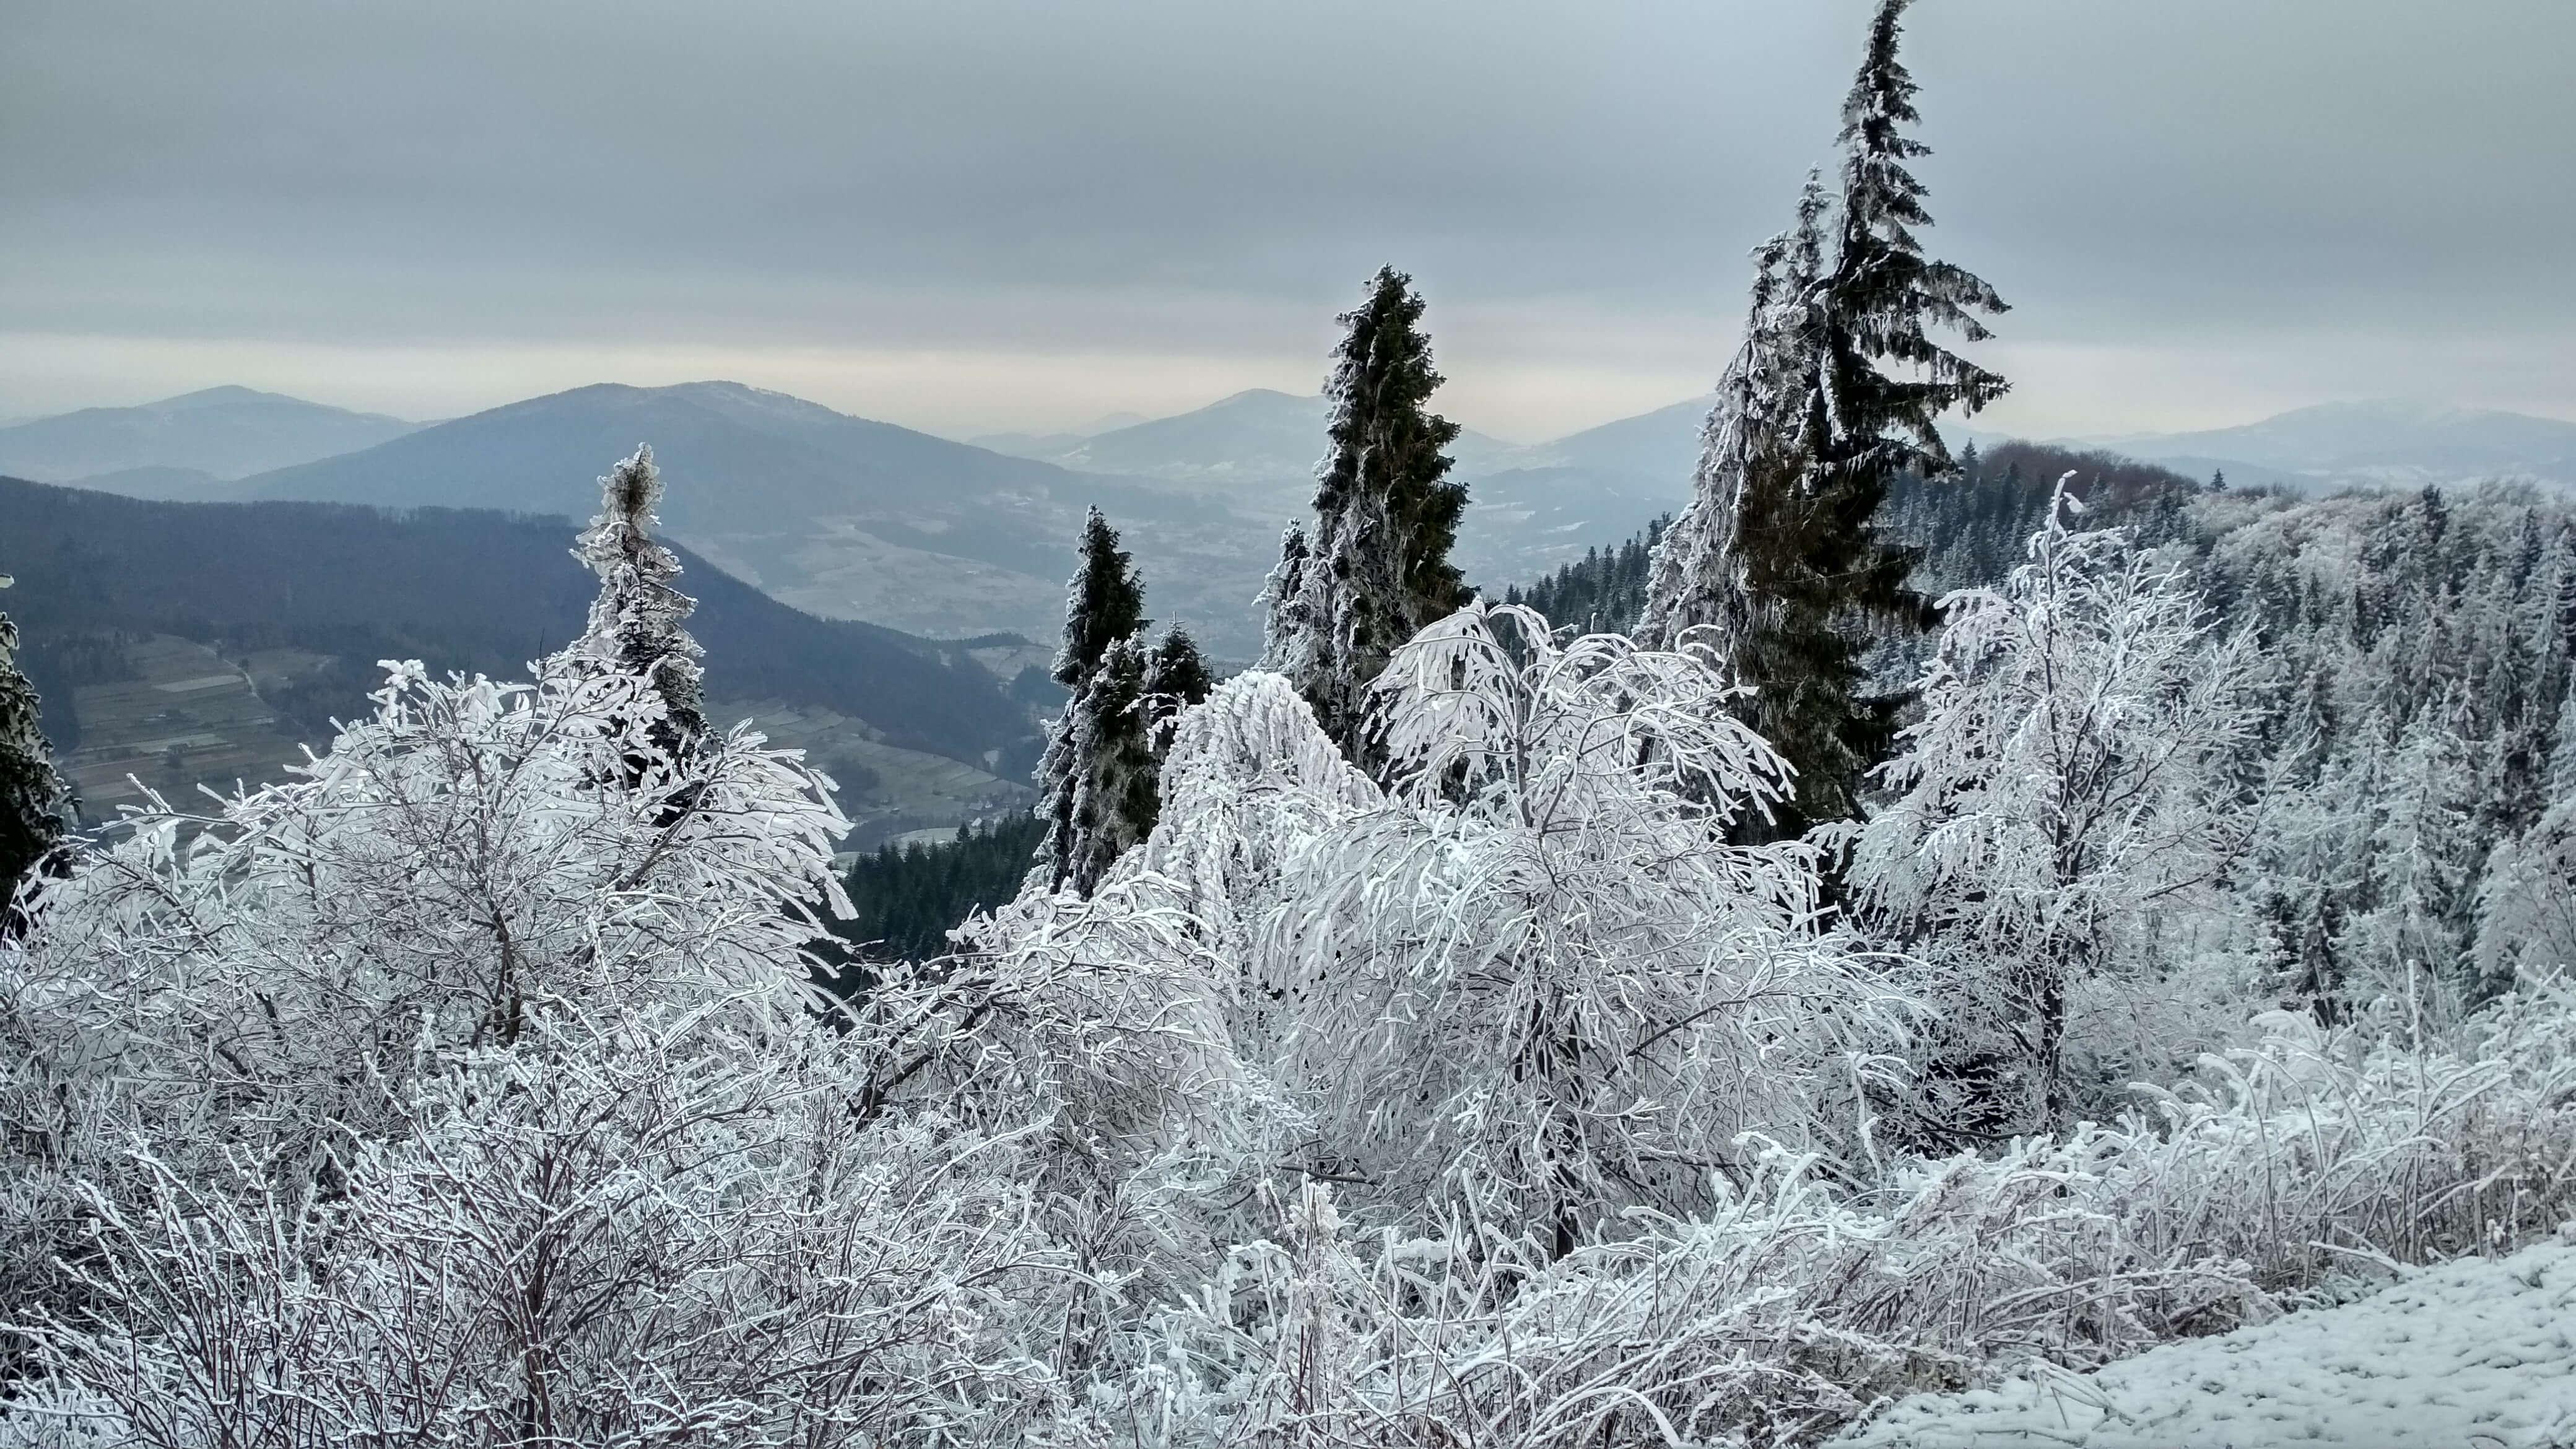 Zima, mróz, śnieg i pięknie